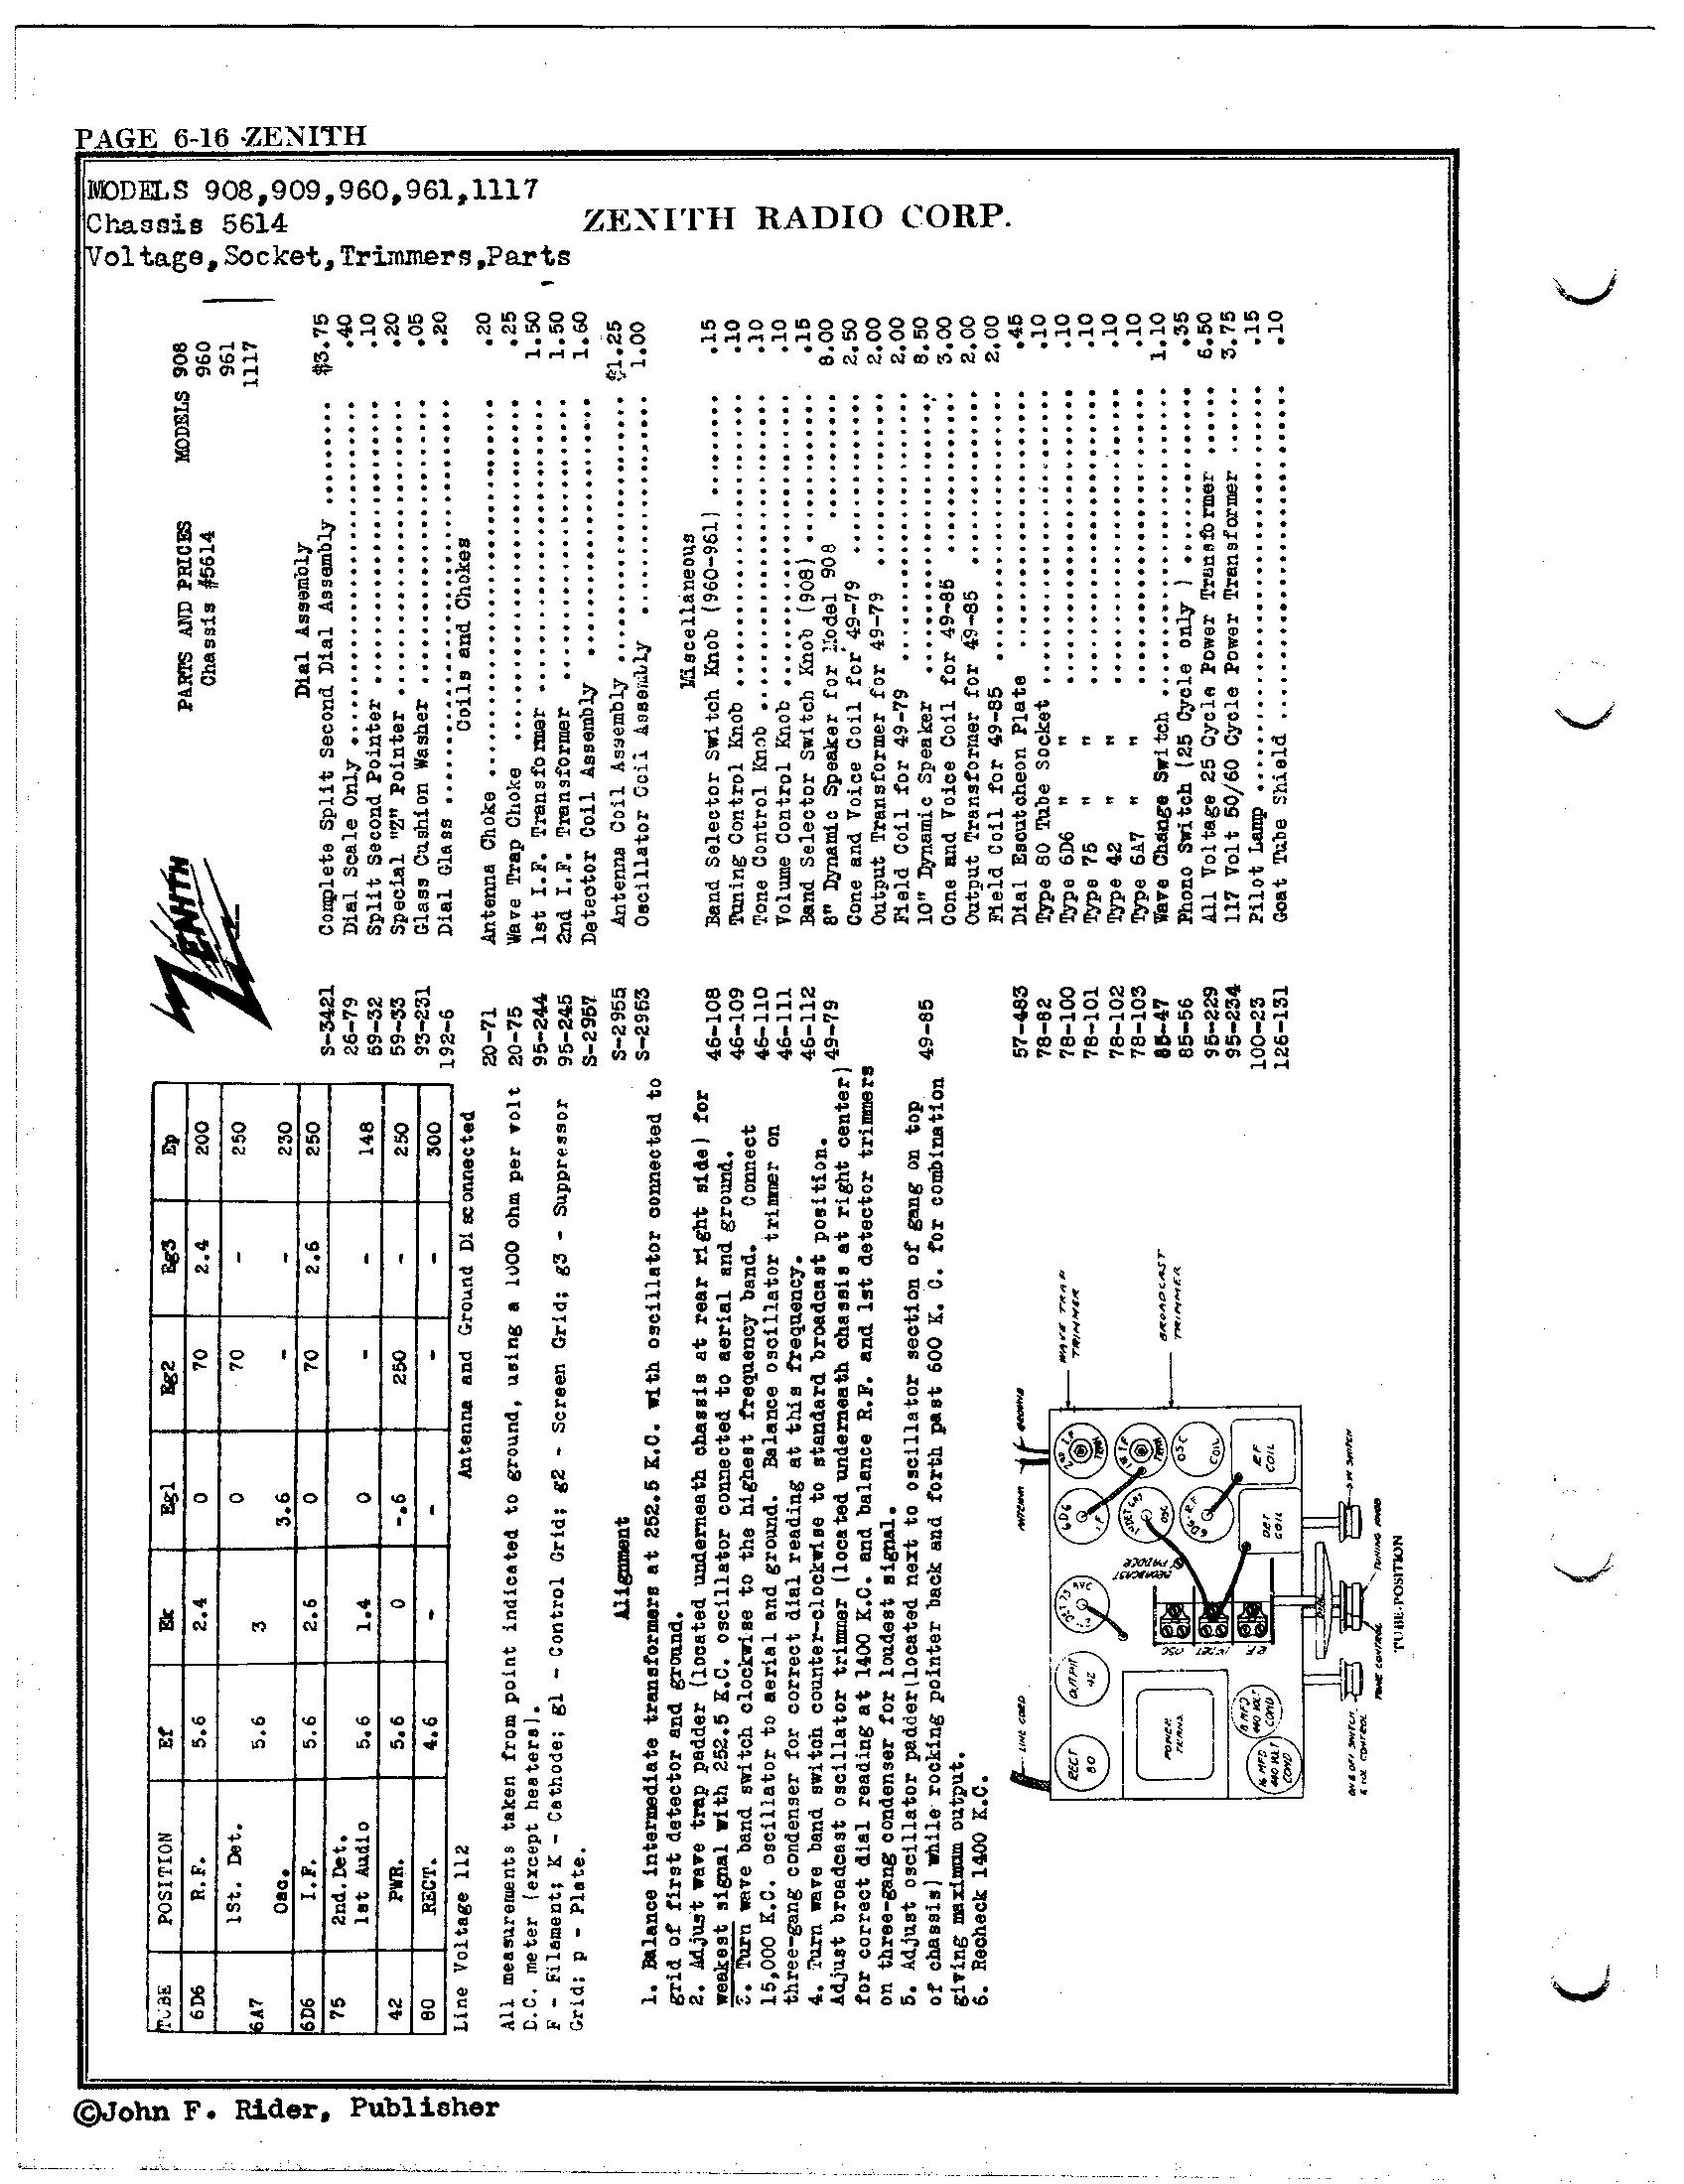 Zenith Radio Corp